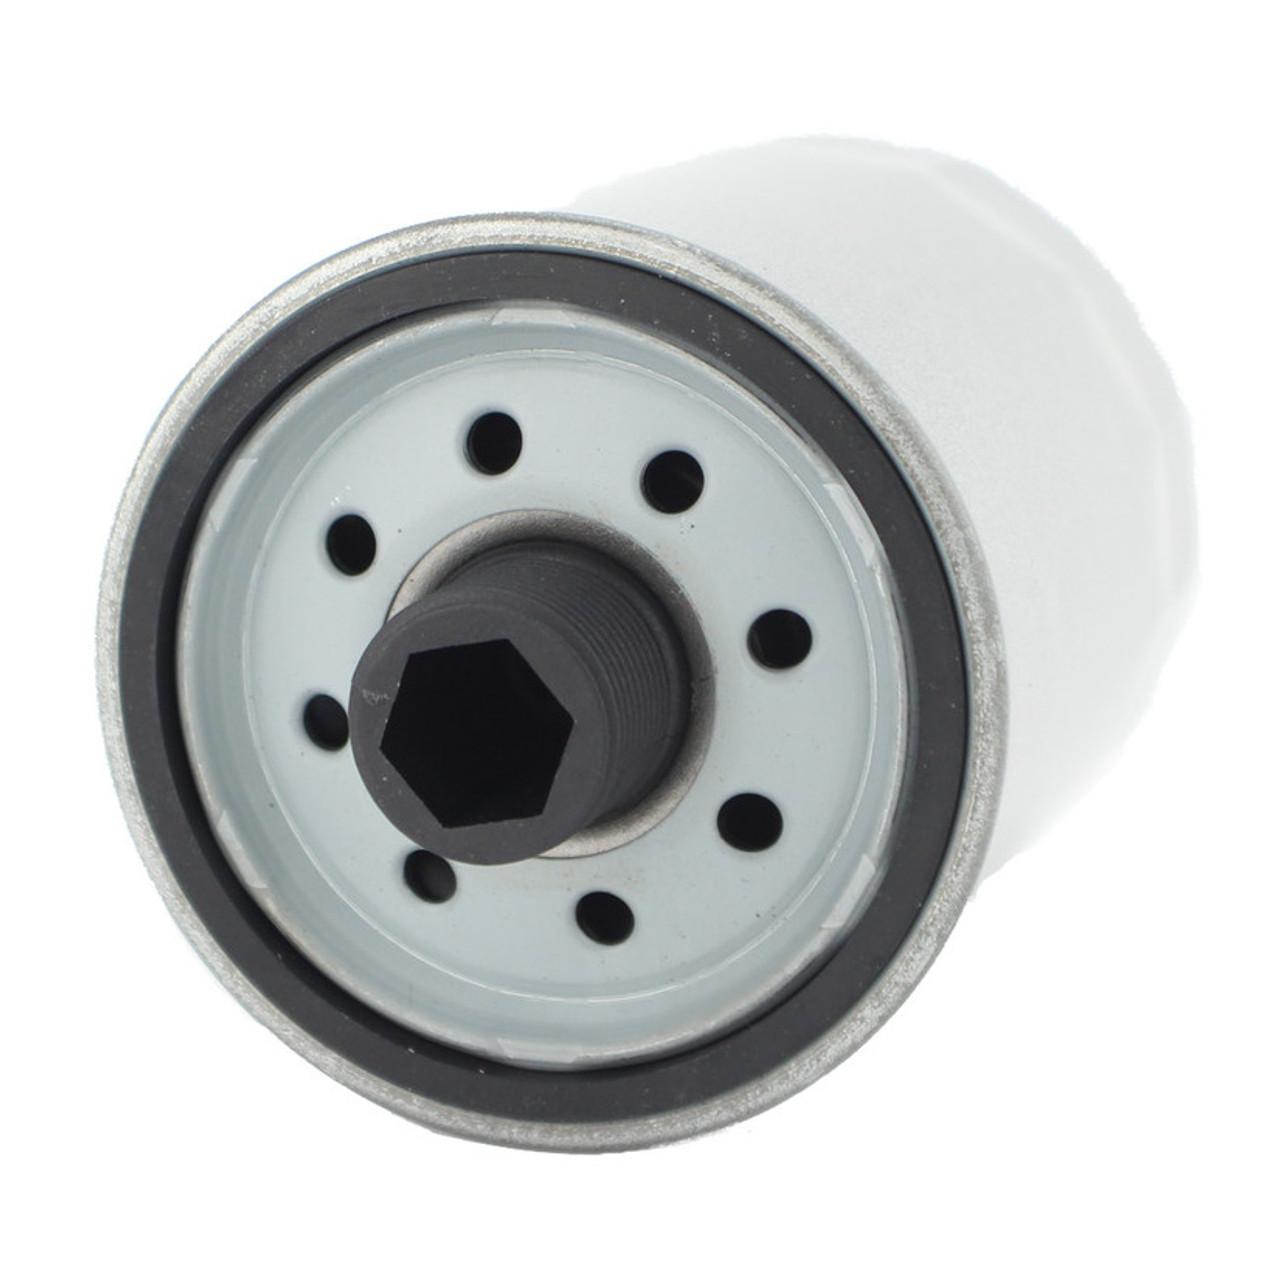 44711 Transmission Internal Spin on Filter; Cooler Return Top View